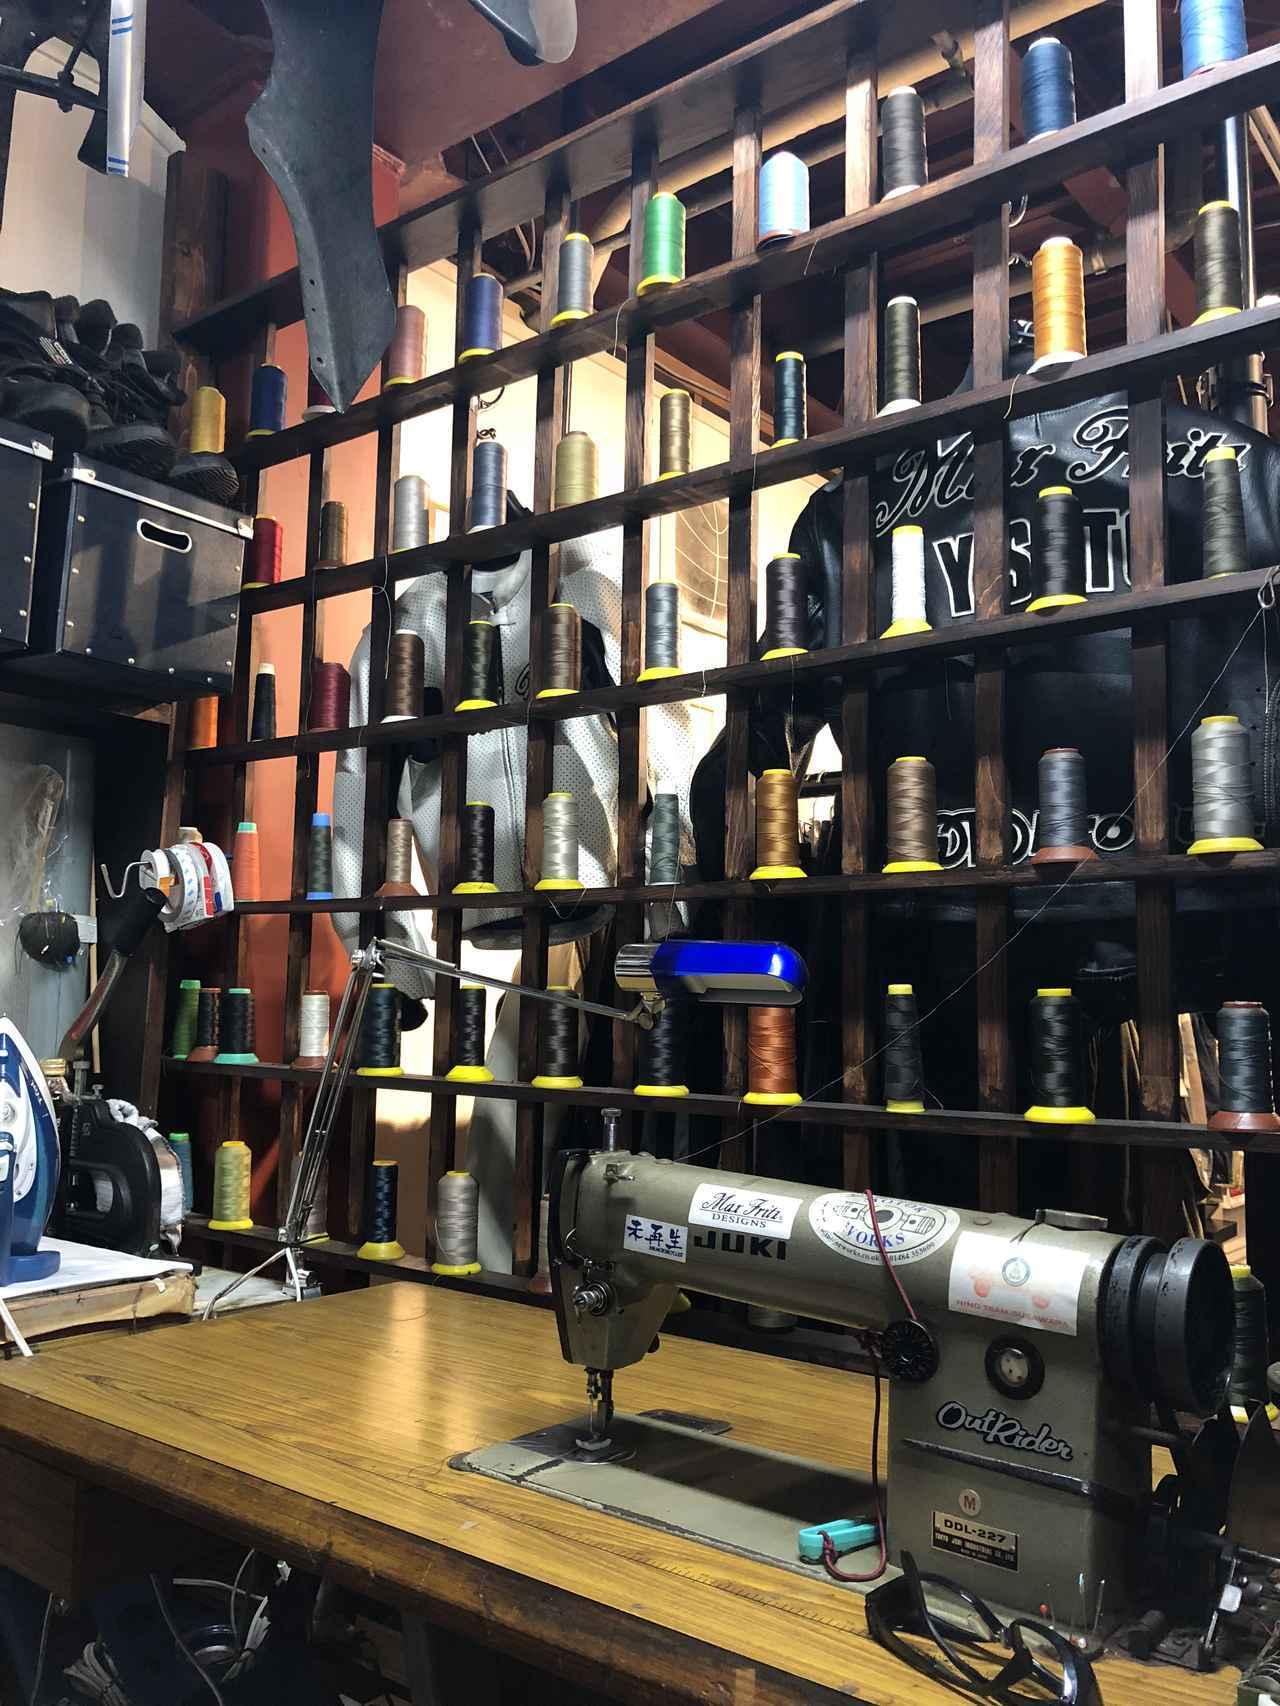 画像3: 大人のためのライディングアパレル MaxFritz 本店 が移転してリニュアルオープン